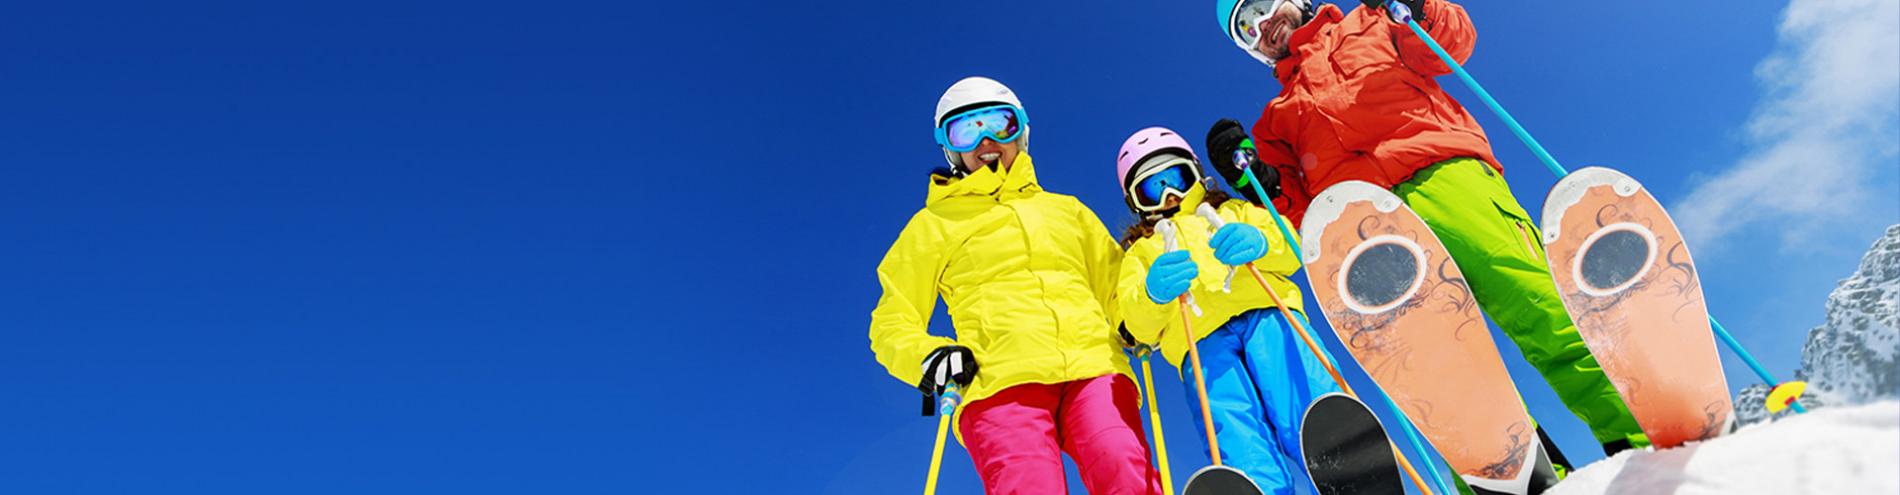 Woka loisirs - Activités Hivernales > Ski Alpin